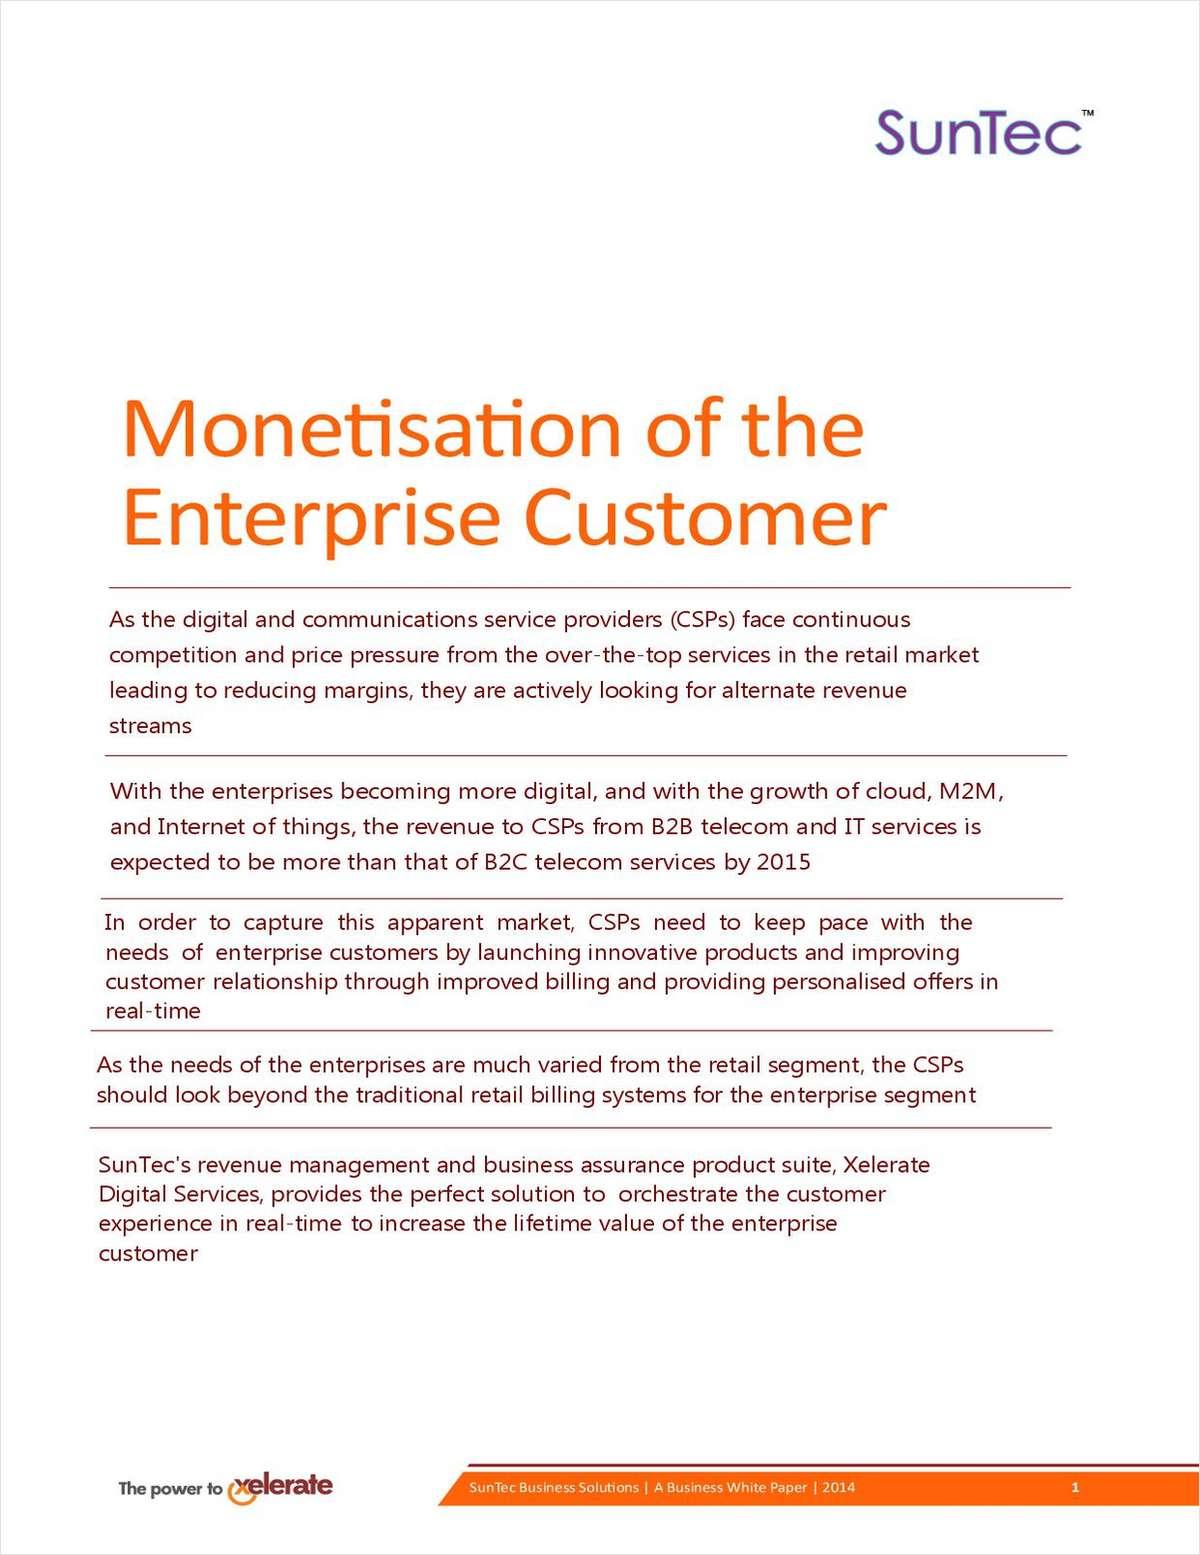 Monetisation of the Enterprise Customer for Telecom Operators